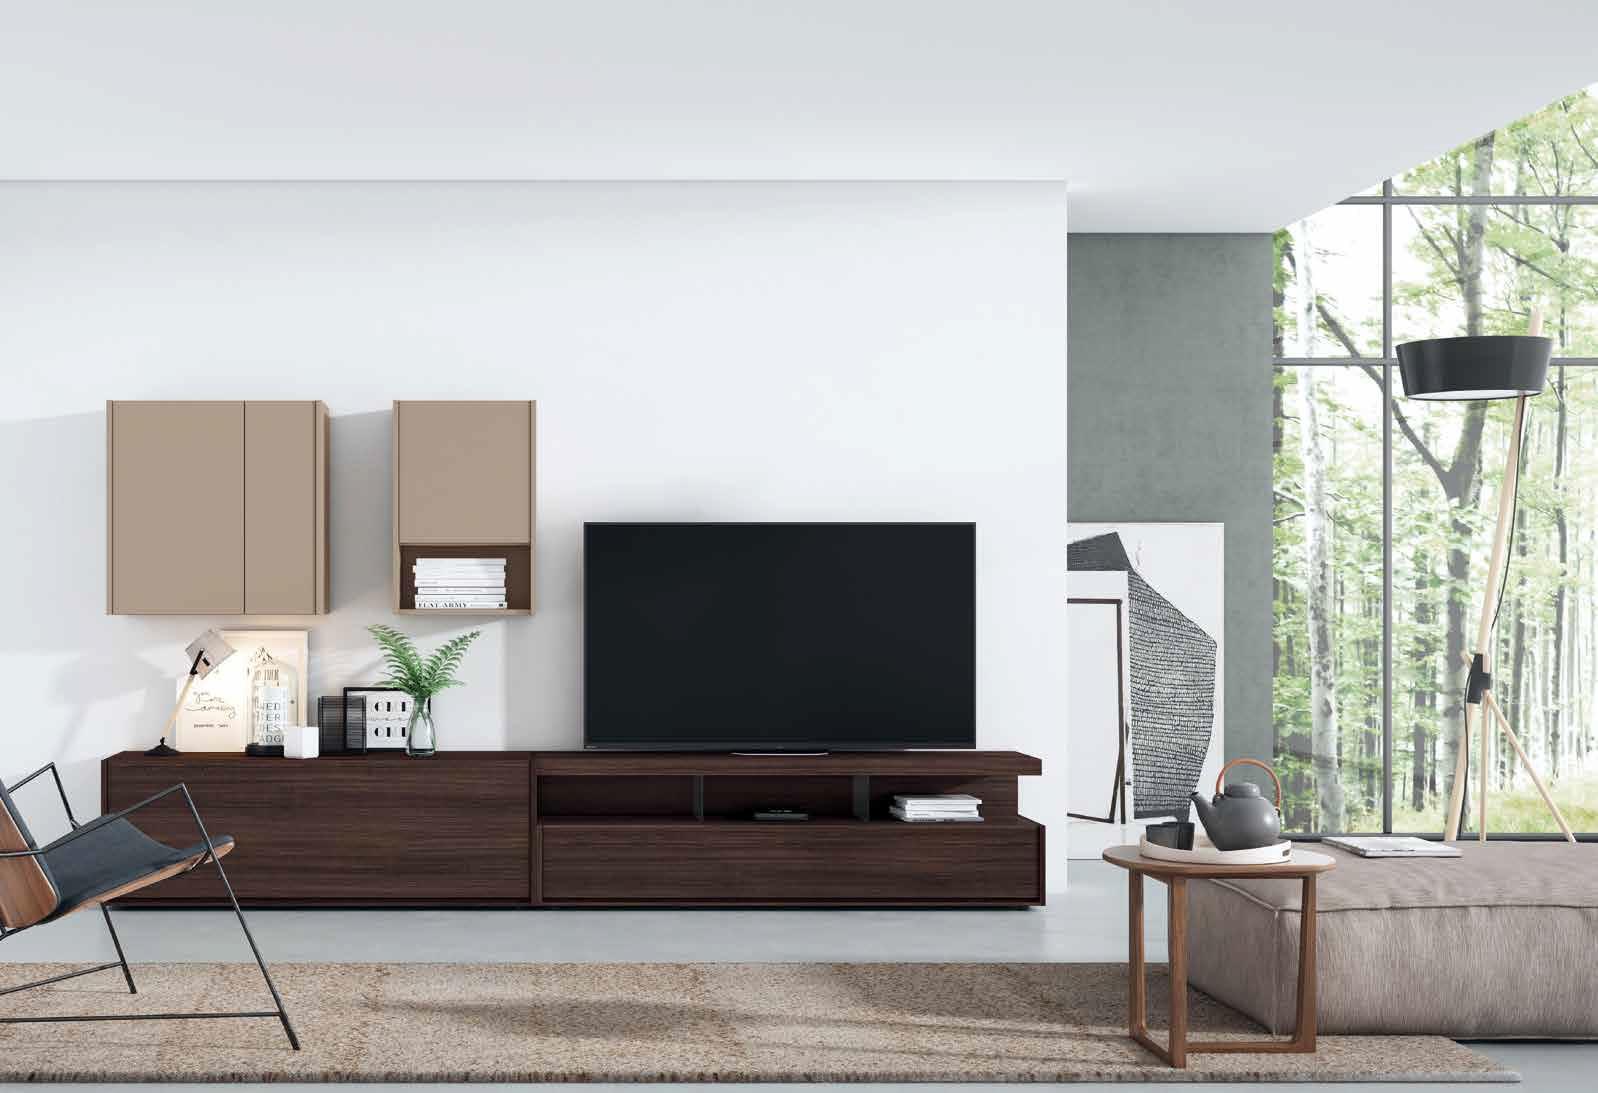 salon-moderno-Nativ-2019-muebles-paco-caballero-0920-5c8ceaa30e331